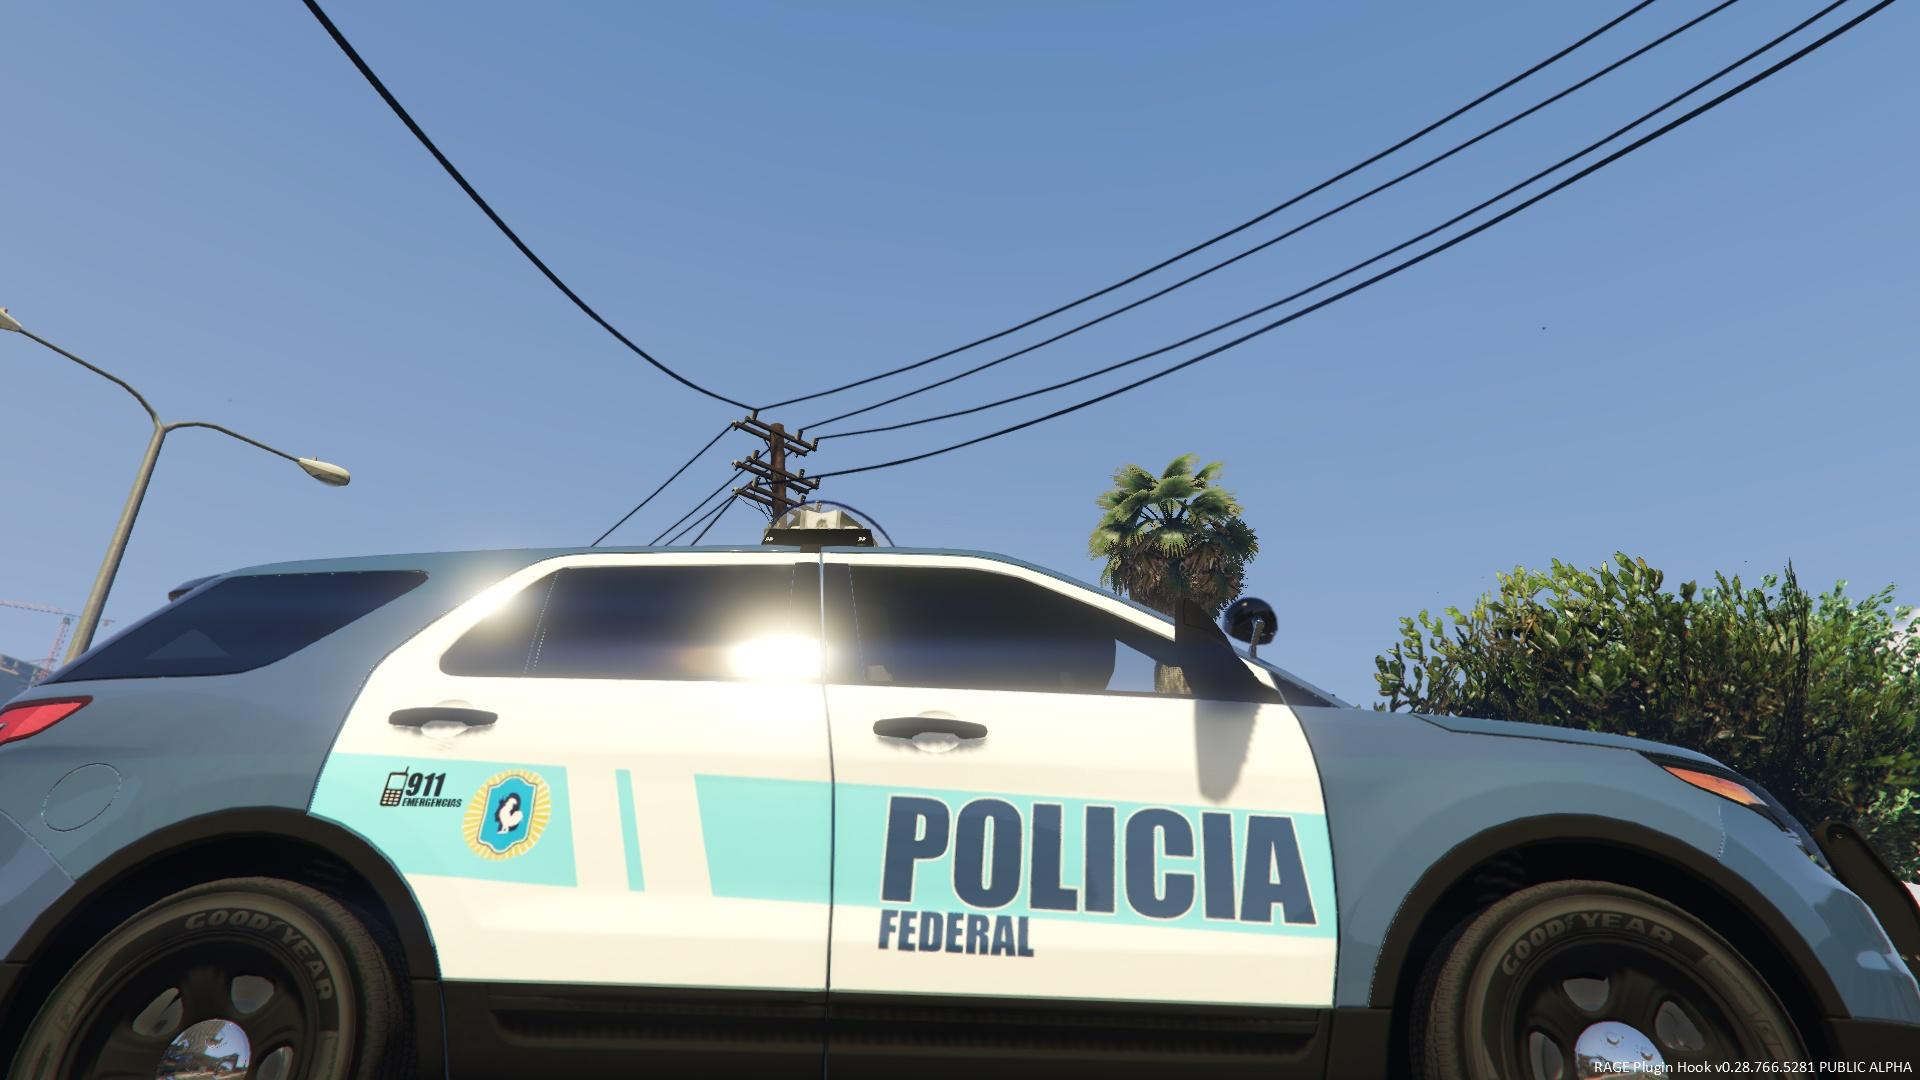 A operação que resultou na prisão do brasileiro foi iniciada em junho de 2016, de acordo com o Ministério da Segurança. Durante as investigações, foram encontradas conexões nos Estados Unidos.